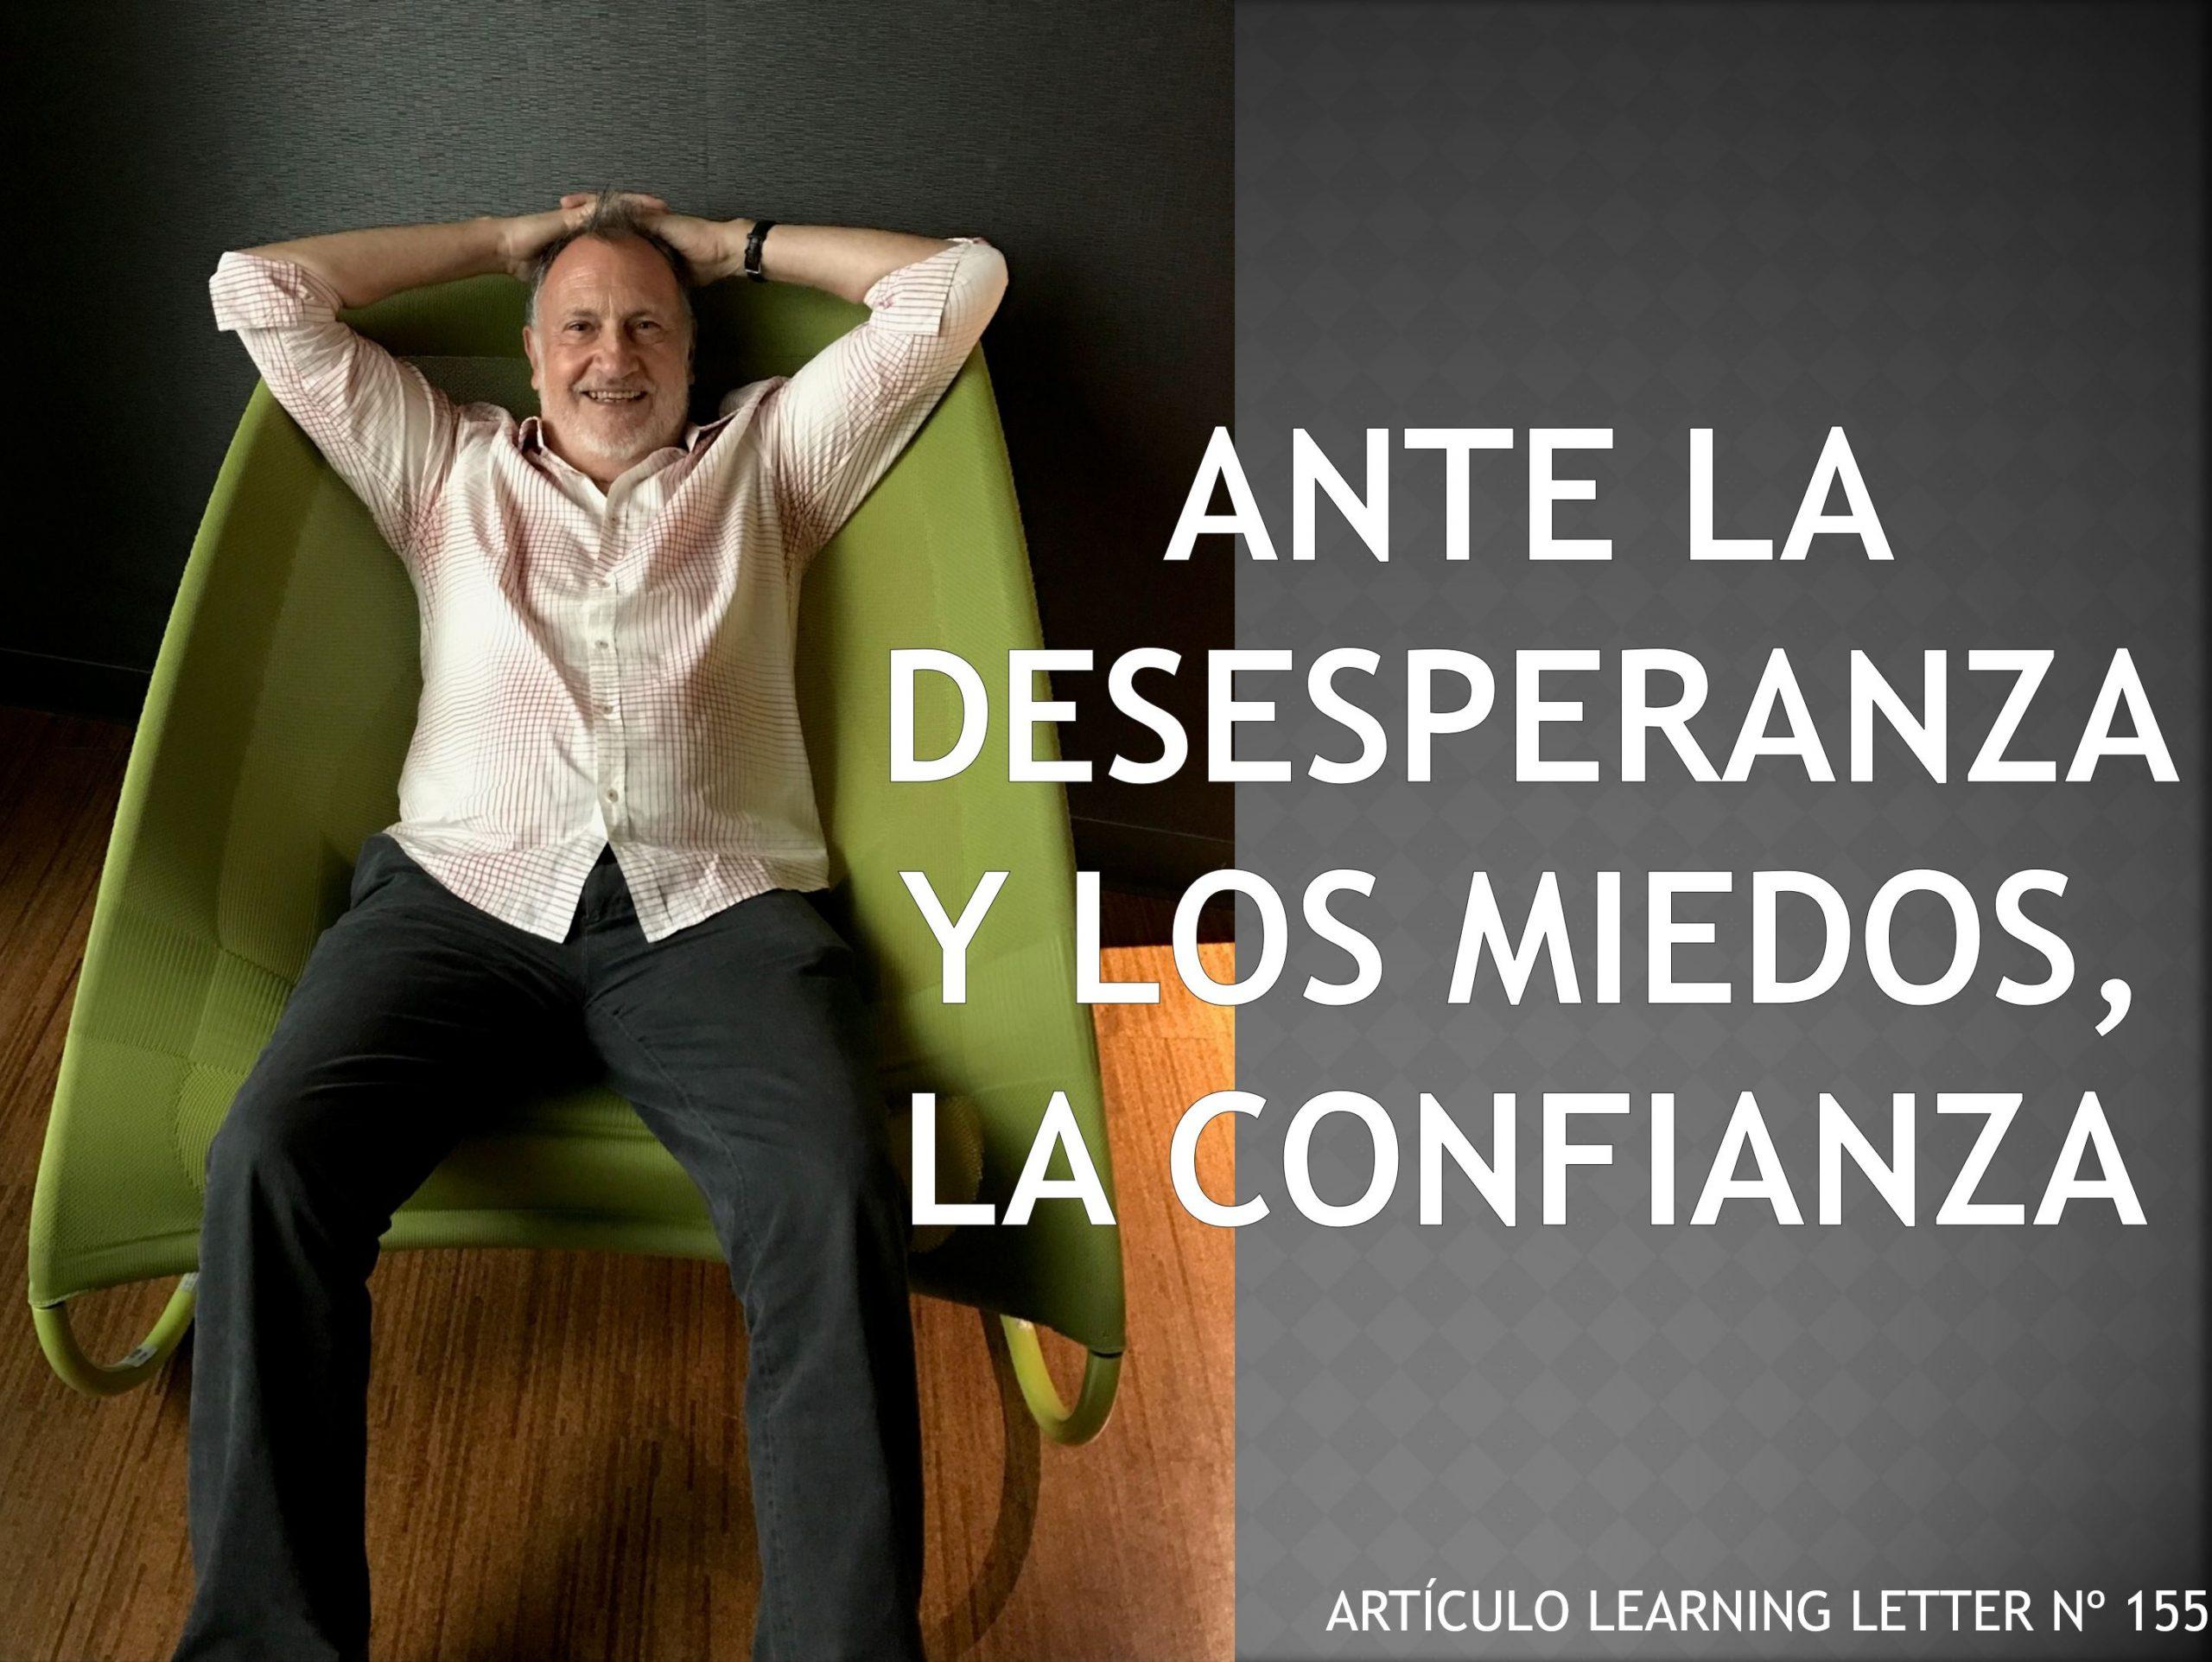 Ante la desesperanza y los miedos, la confianza. Learning Letter 155